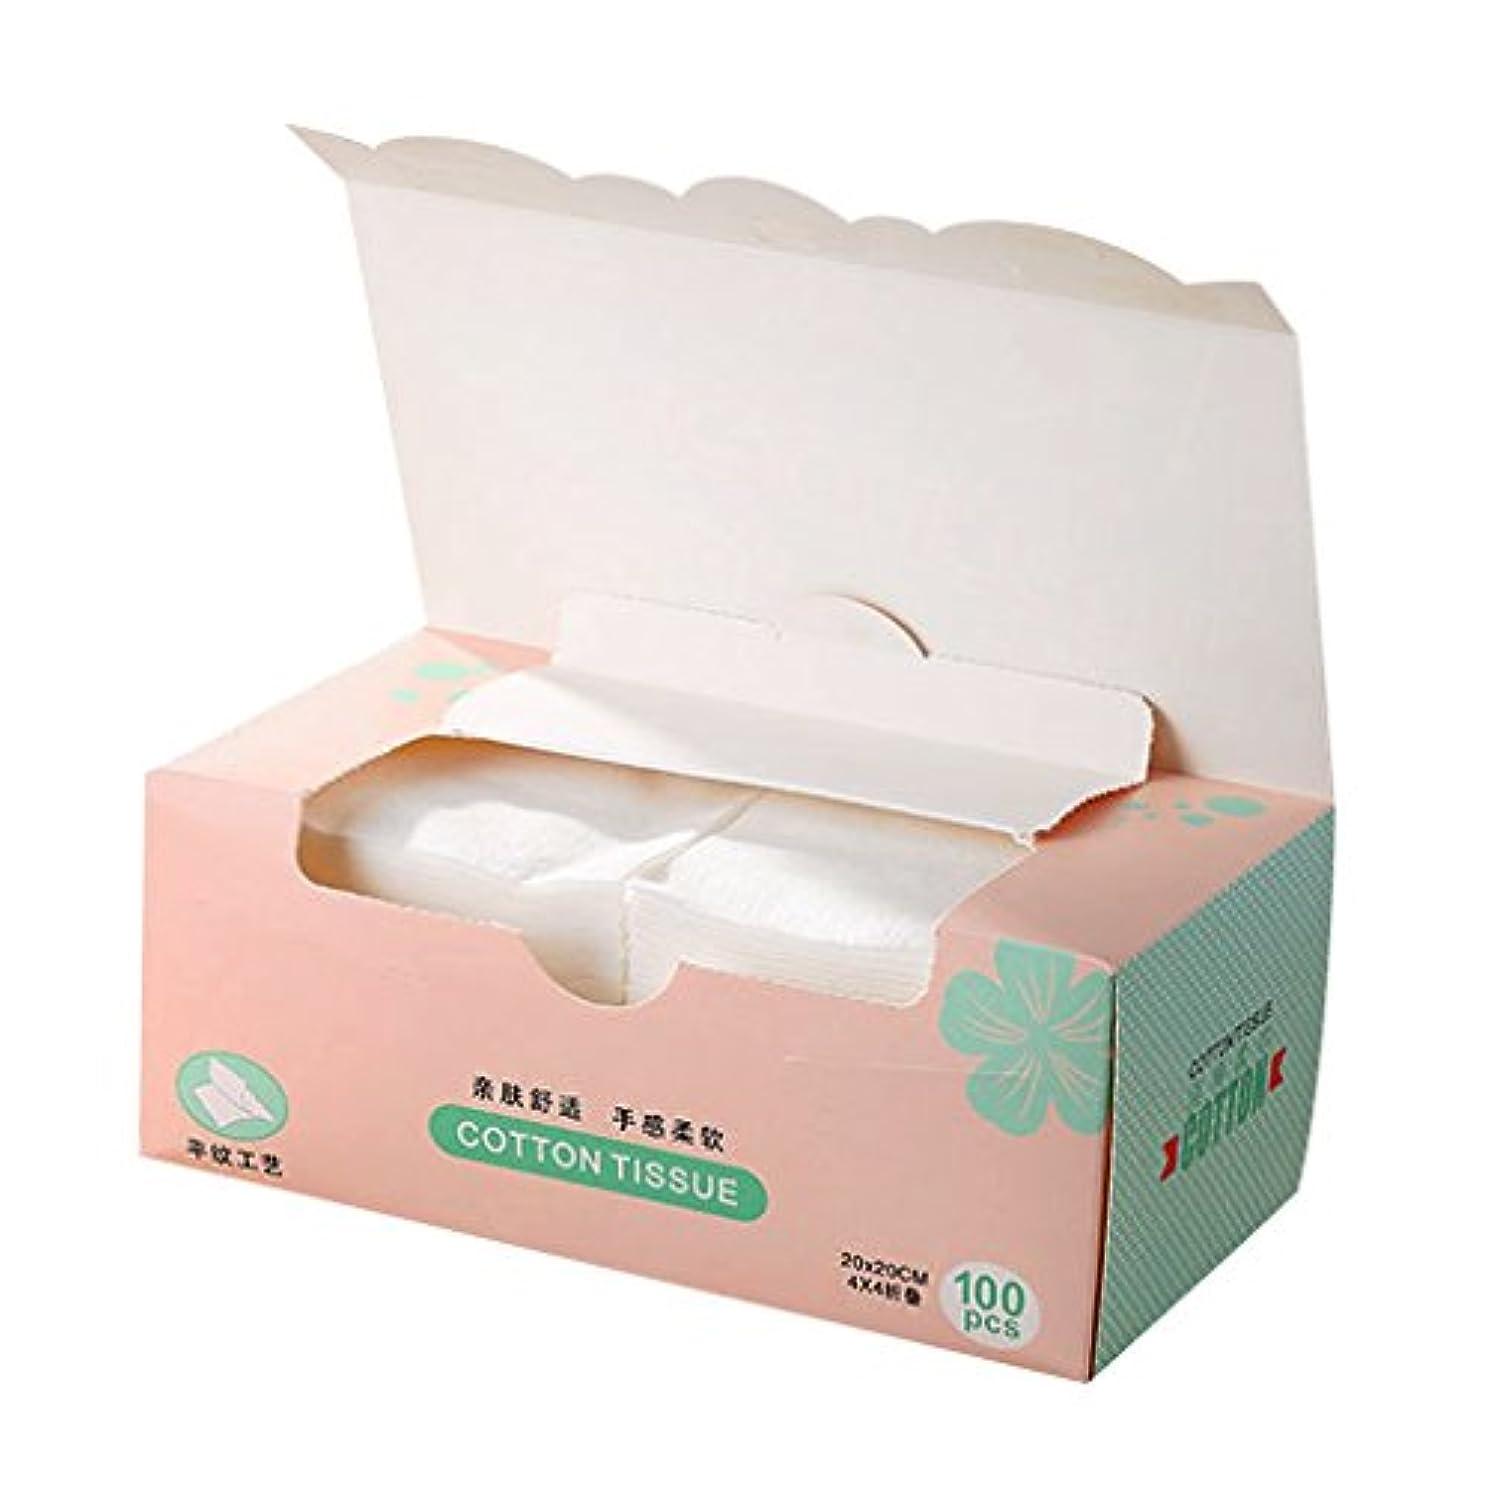 ソフィー香港考古学Perfeclan 1箱 使い捨て フェイスタオル メイクリムーバー 顔用タオル 機能性 使い捨てリムー メイク